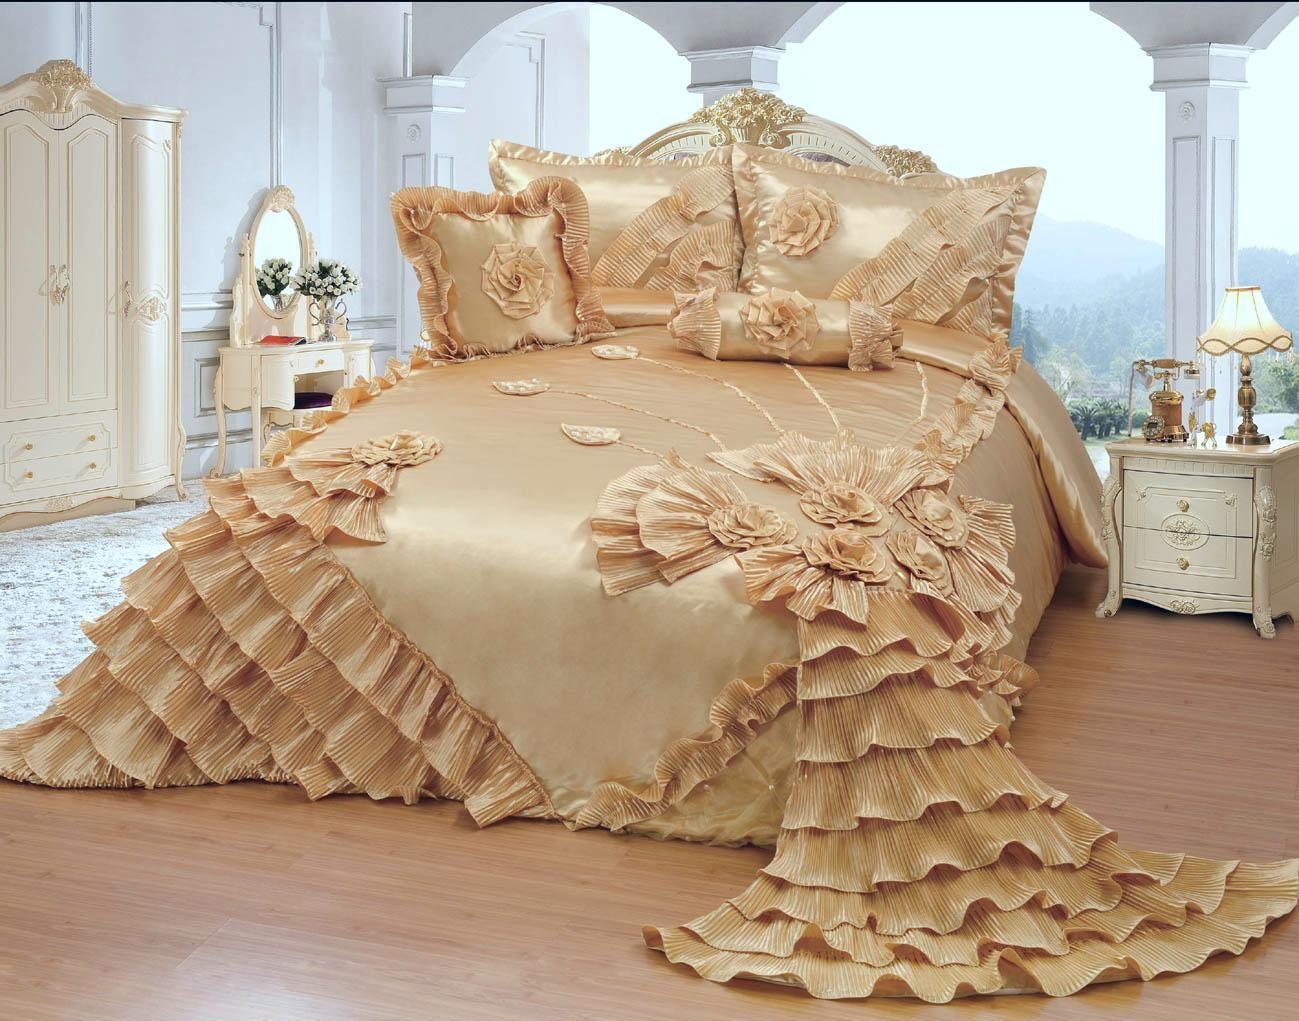 Octorose Royalty Oversize Wedding Birthday Bedding Bedspread Comforter Set Full Queen Standard Size Walmart Com Bedspreads Comforters Comforter Sets Wedding Bed Bedspreads and comforter sets